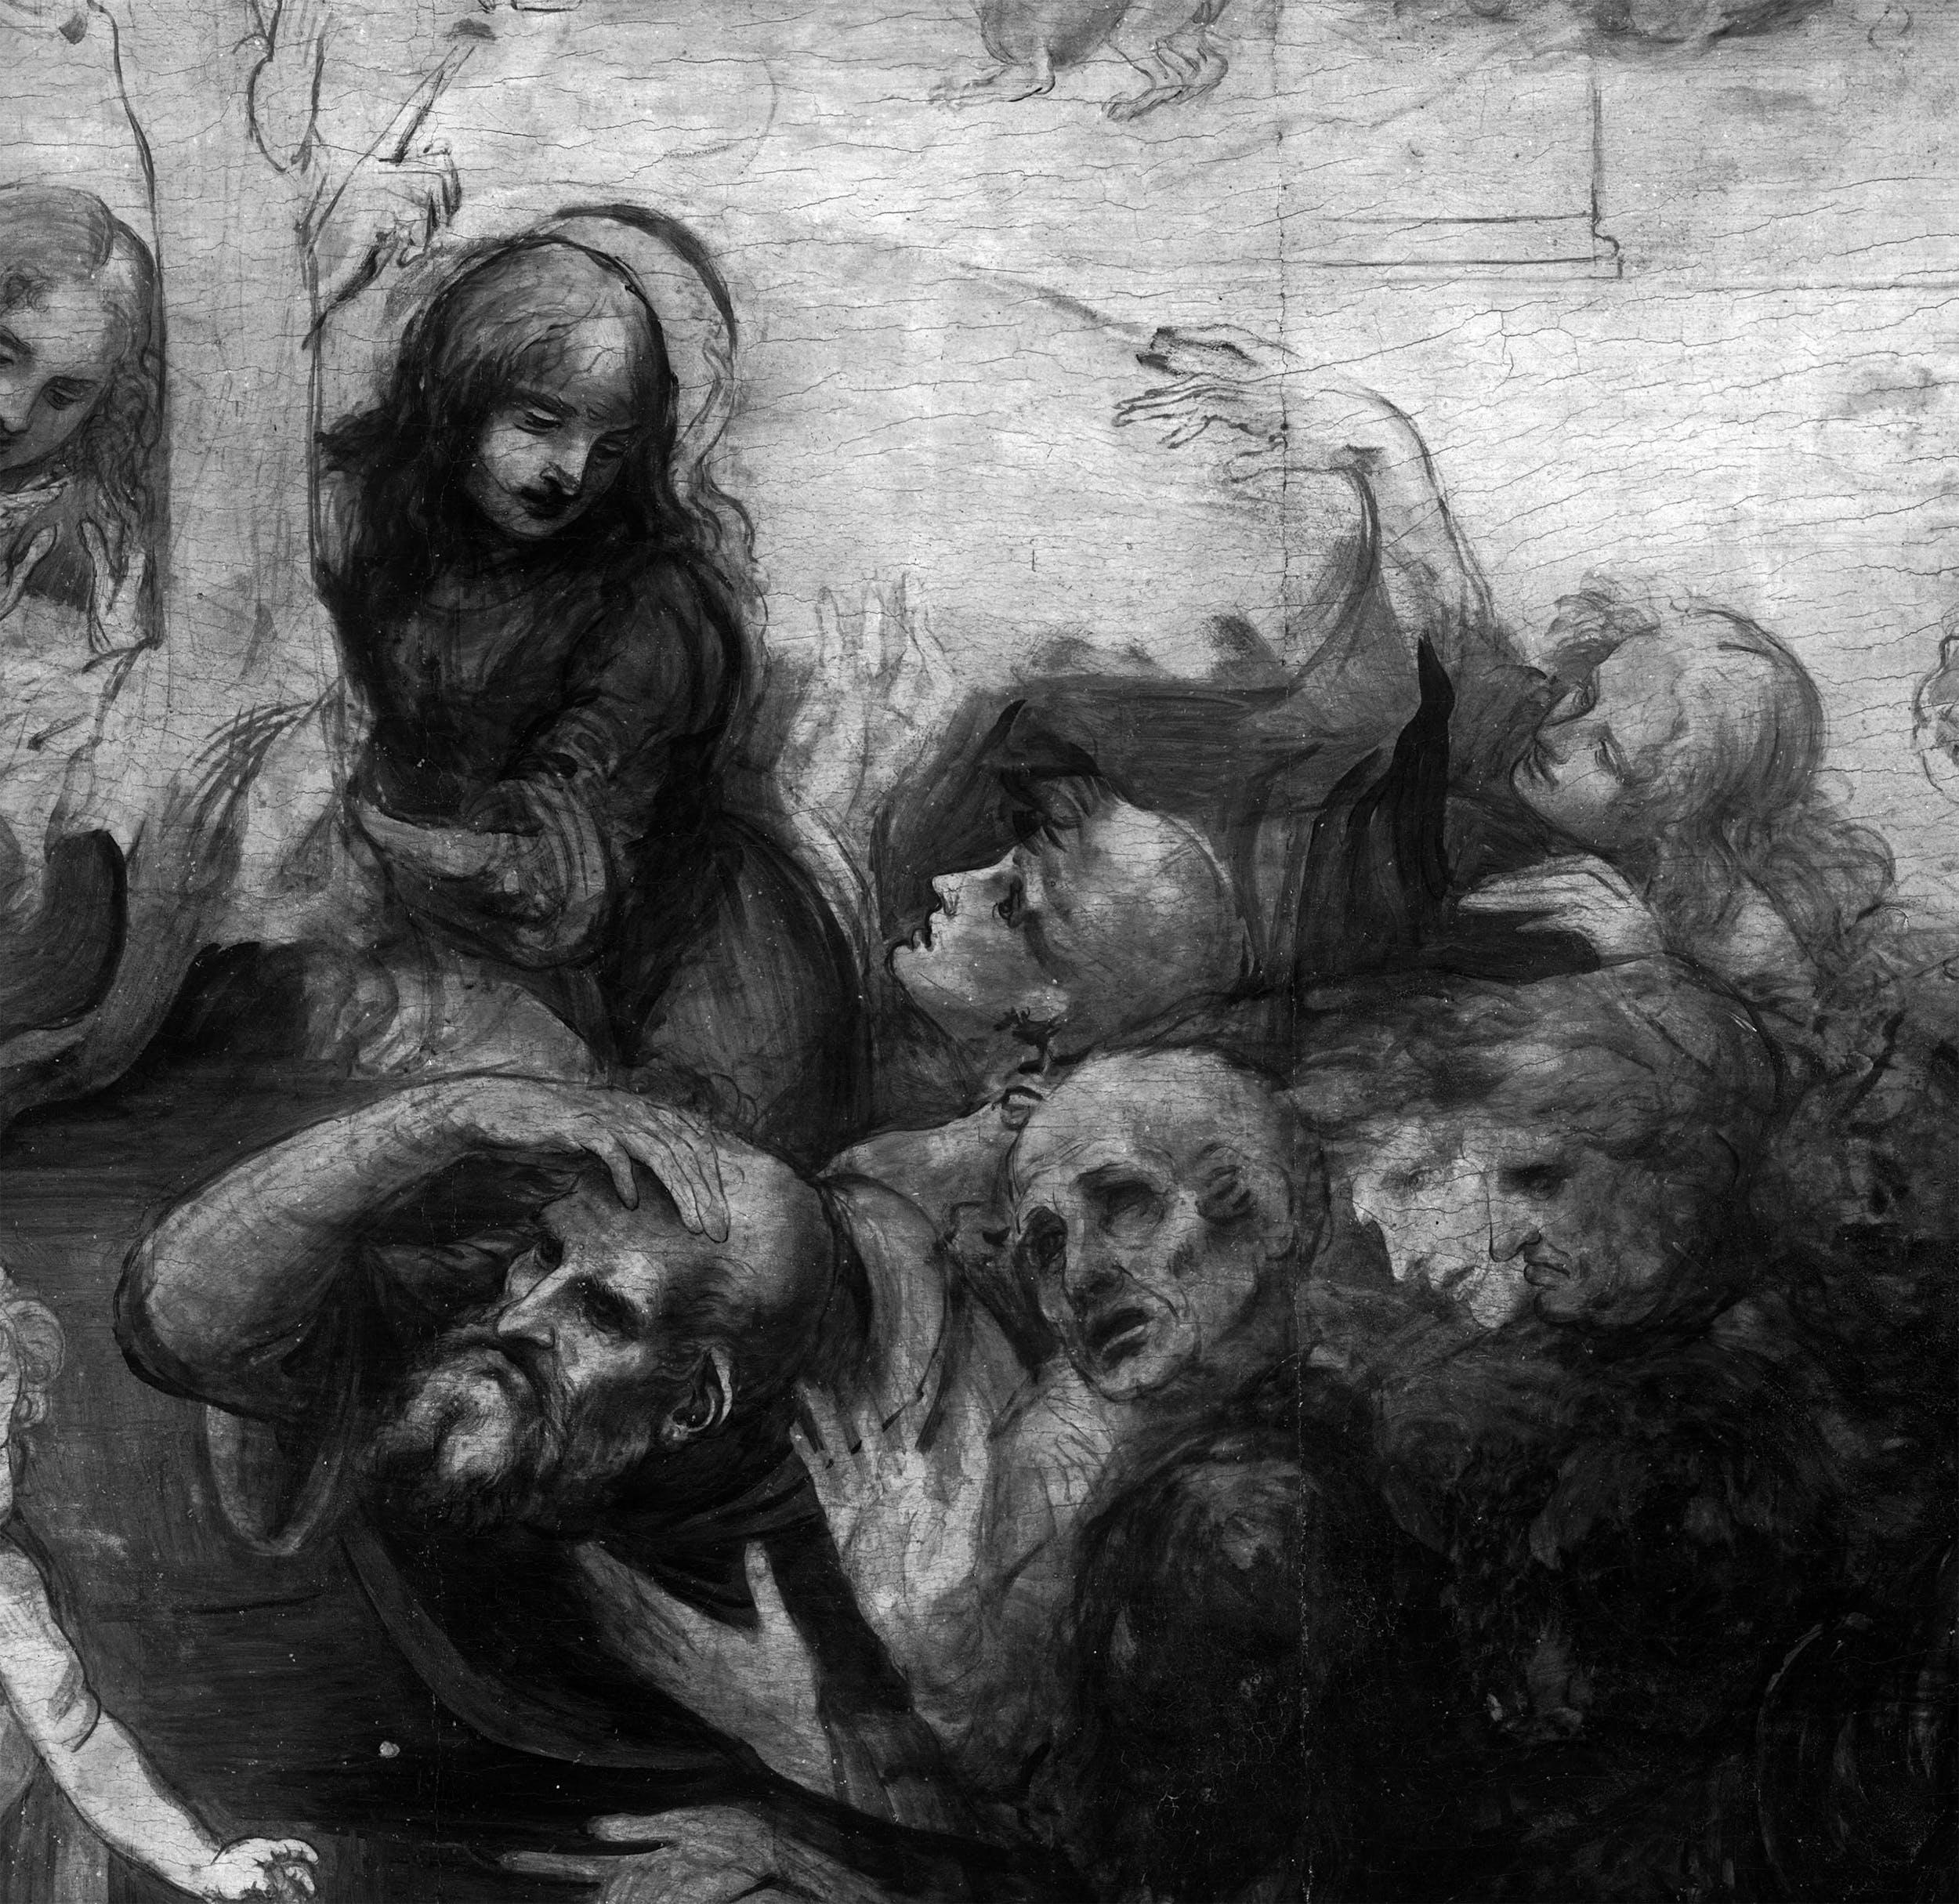 11. Leonardo da Vinci, Adorazione dei Magi, riflettografia IR, dettaglio dei personaggi nel secondo piano